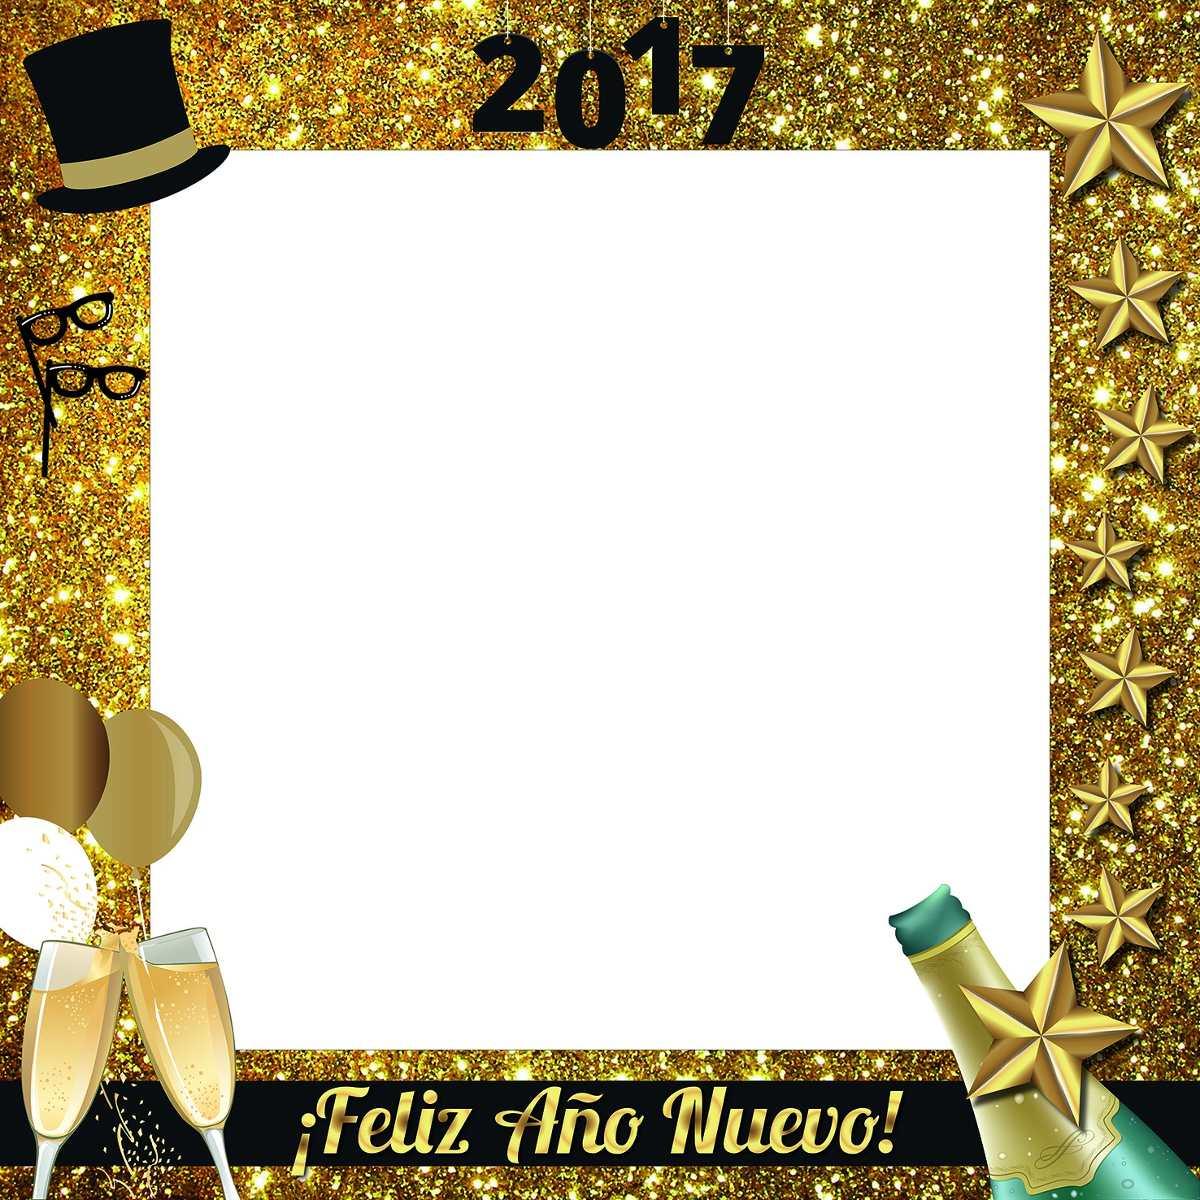 Único Feliz Año Nuevo Marco Galería - Ideas Personalizadas de Marco ...